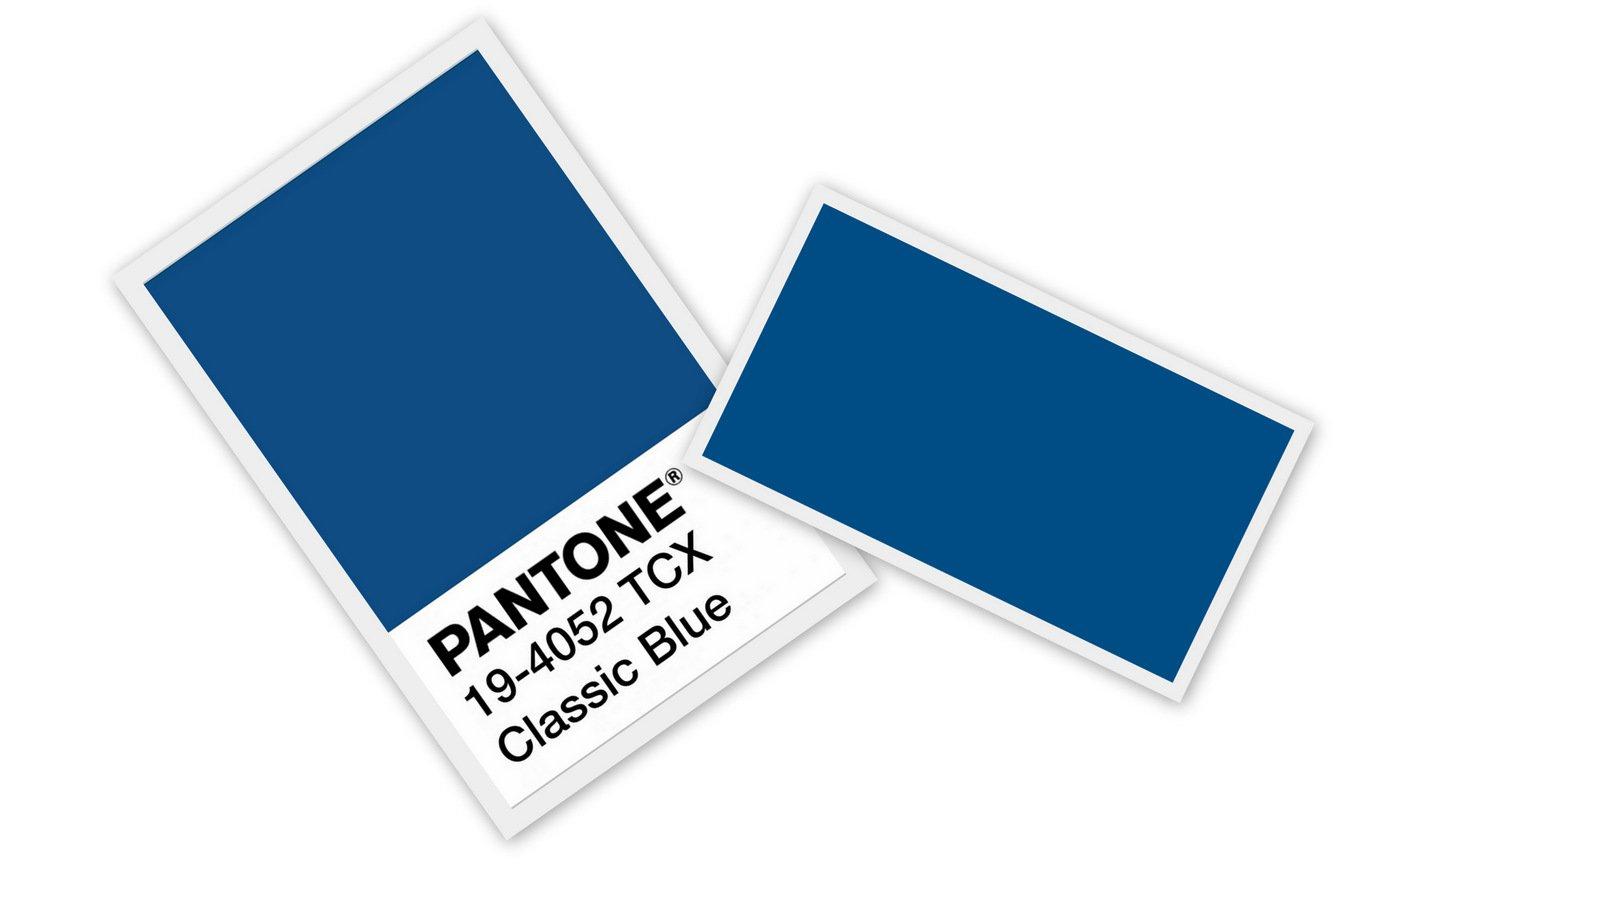 Что такое пантон (pantone) и cmyk в полиграфии?